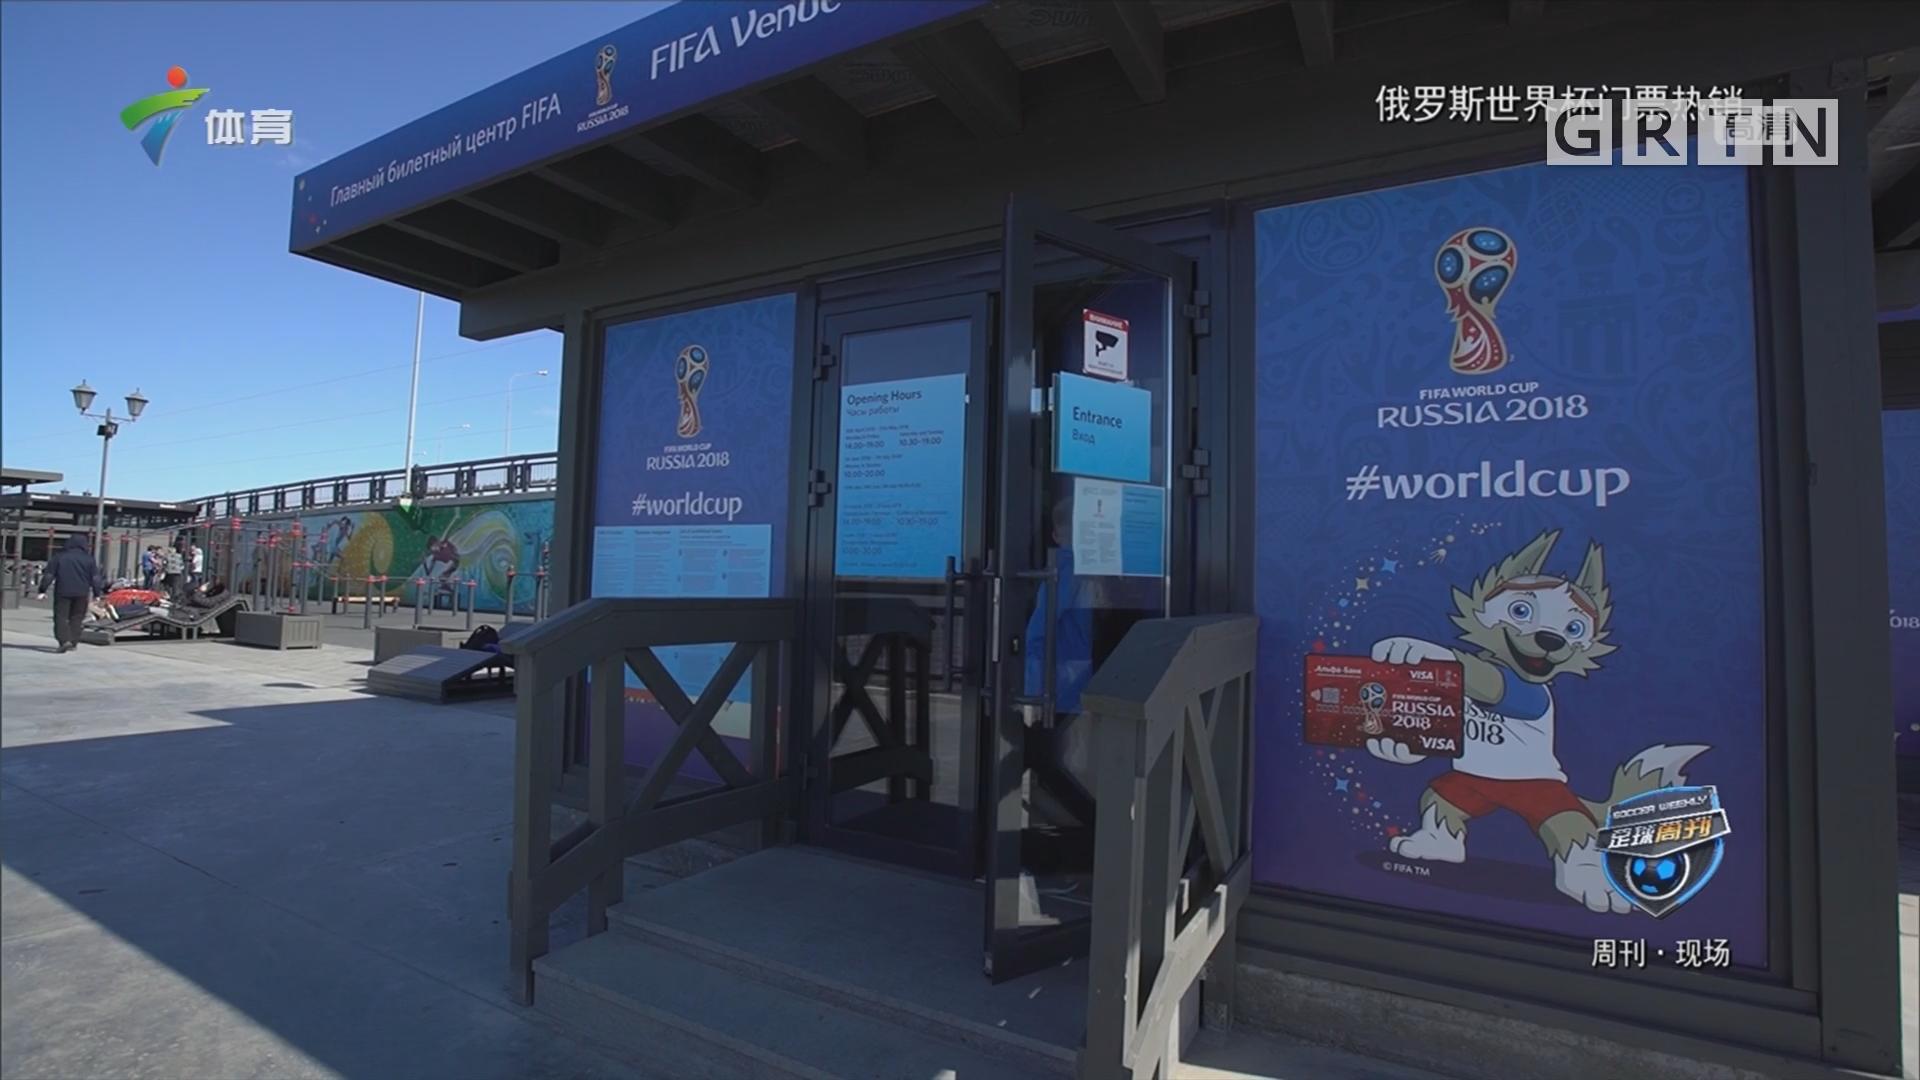 俄罗斯世界杯门票热销